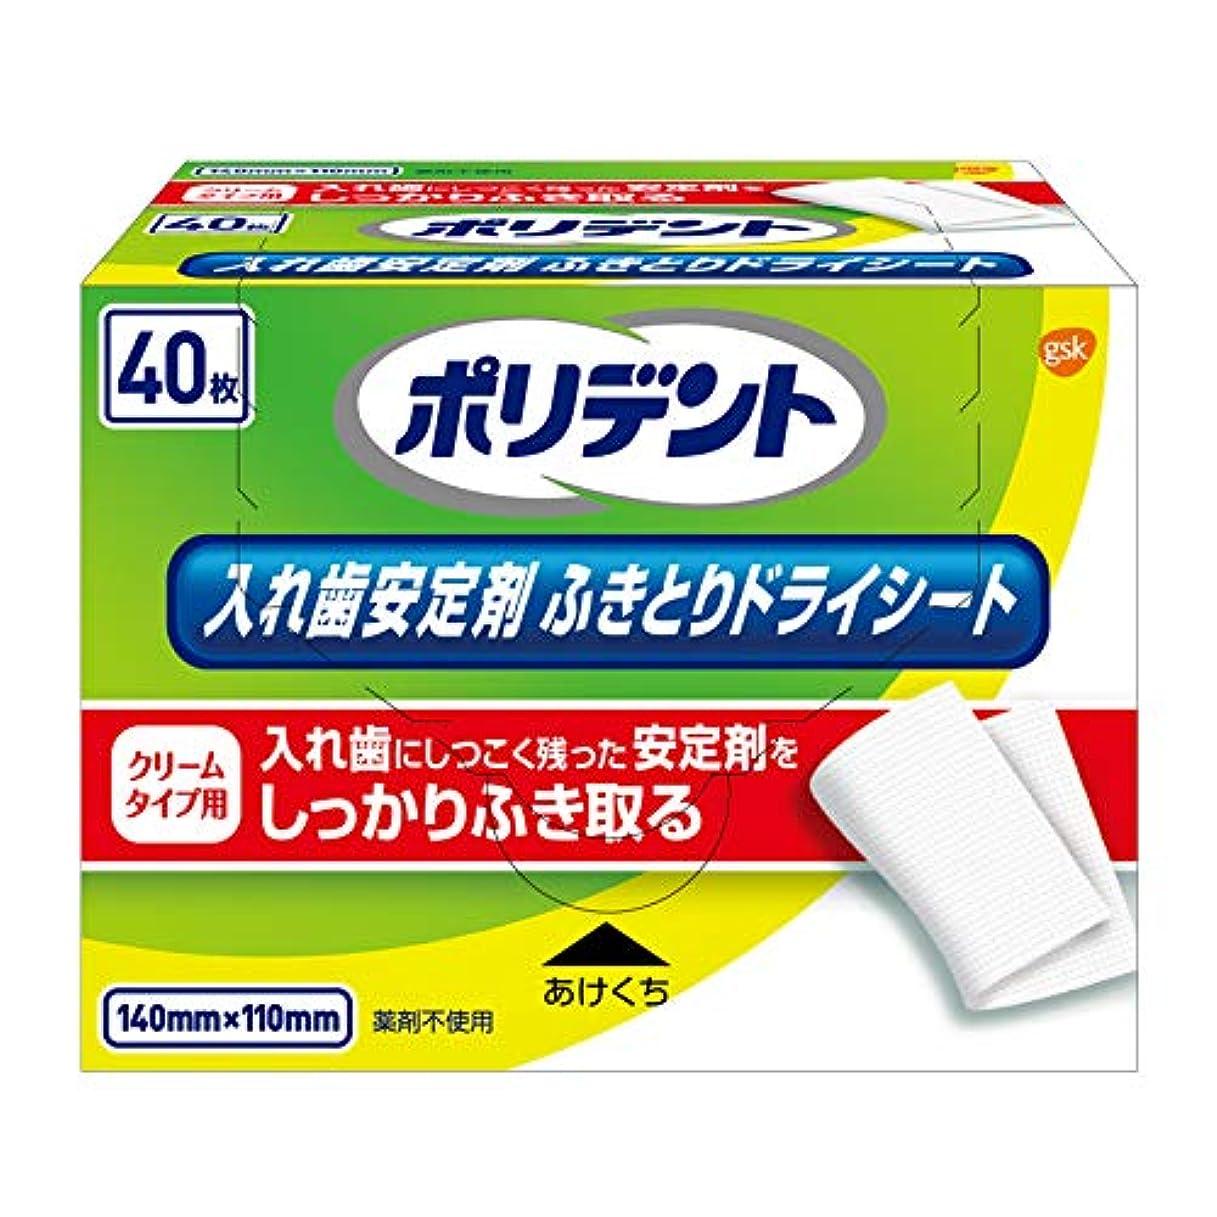 明るくするアニメーション活性化ポリデント 入れ歯安定剤ふきとりドライシート 40枚